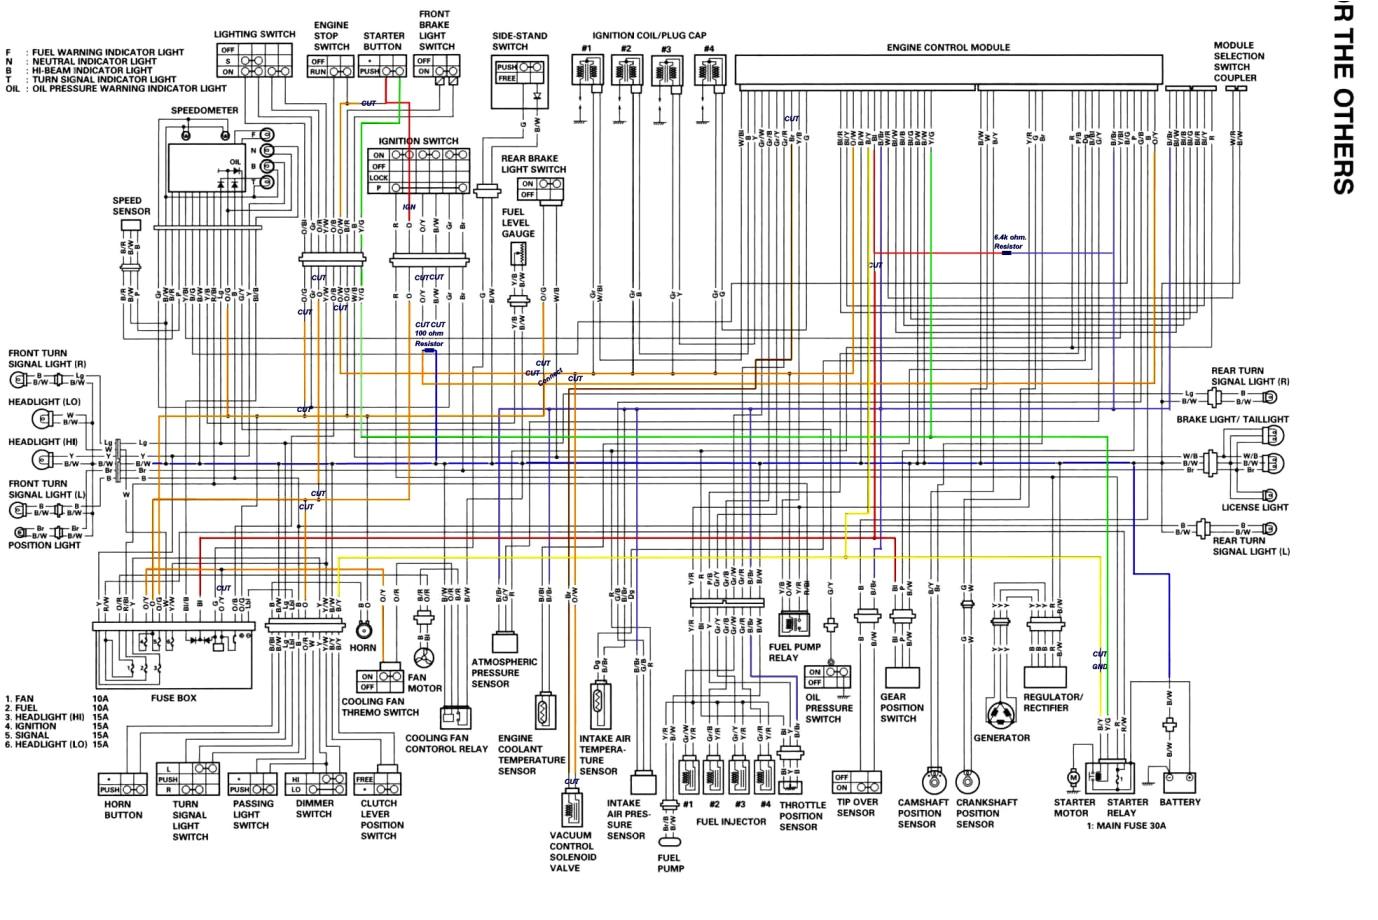 [SCHEMATICS_44OR]  2017 gsxr 1000 wiring diagram | 2002 Suzuki Gsxr 1000 Wiring Diagram |  | gougou.info